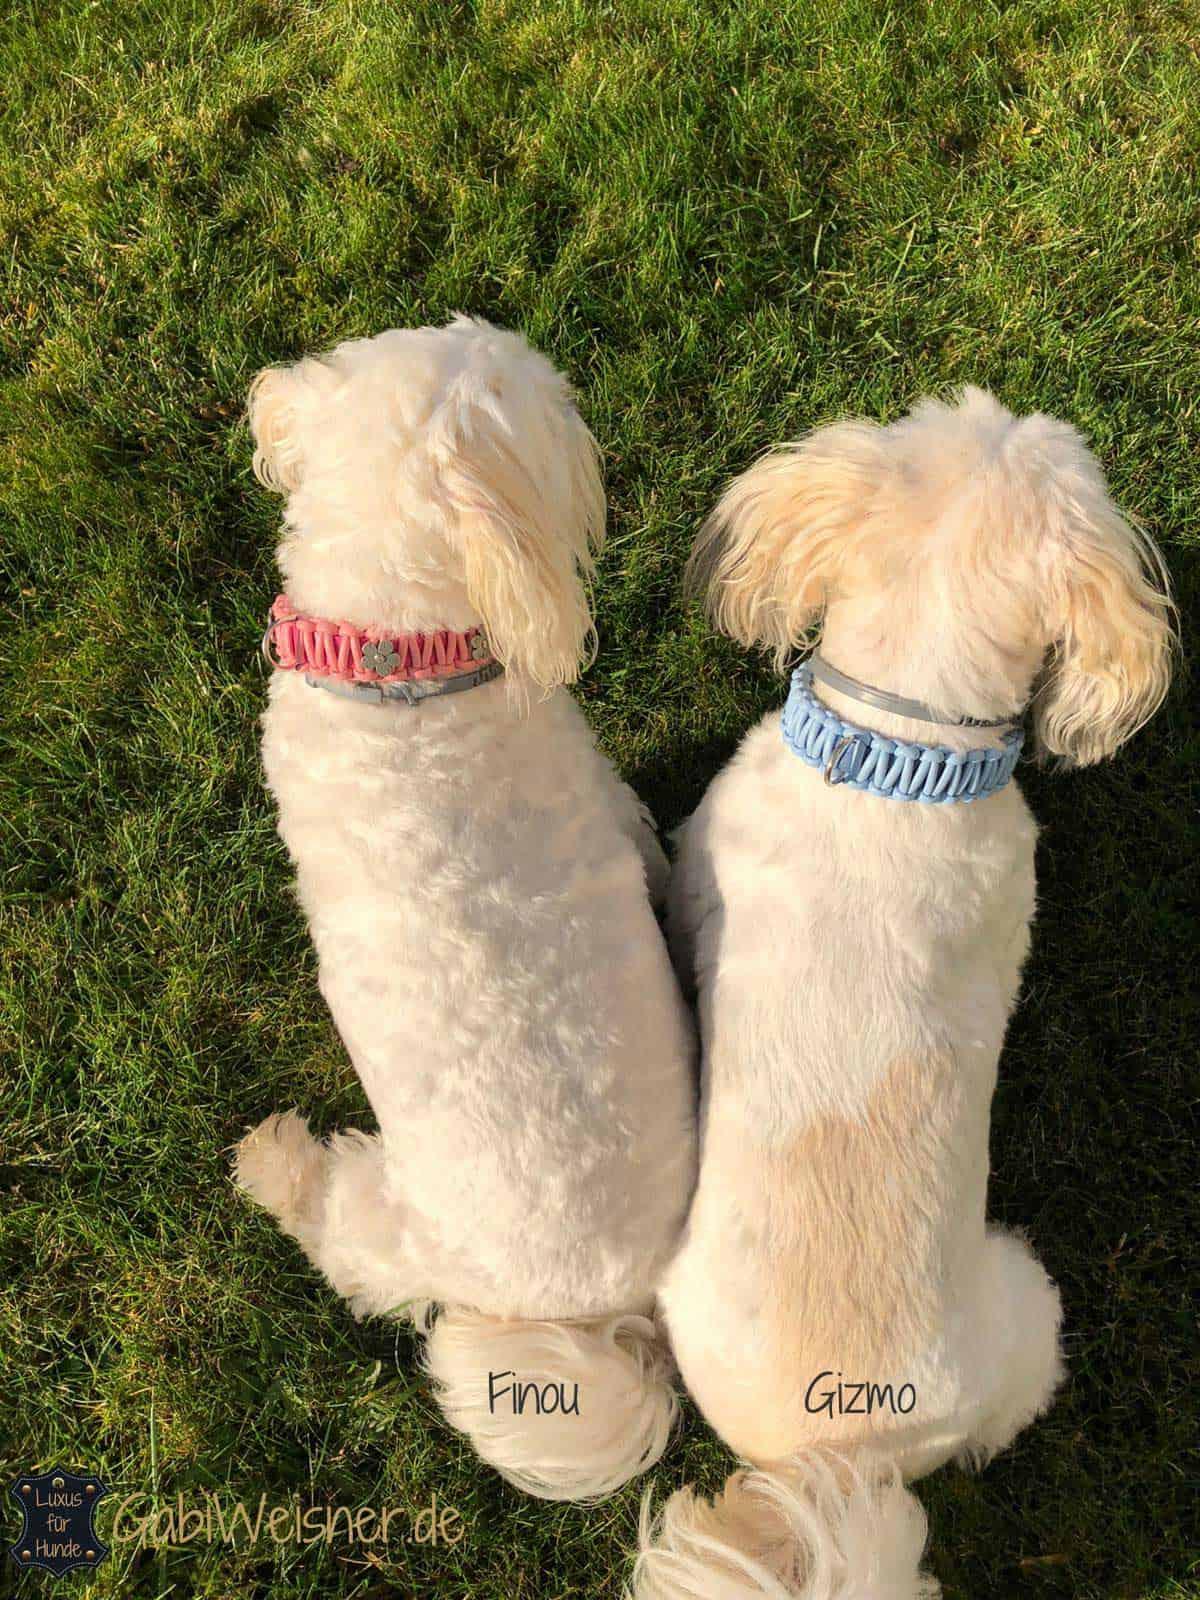 Halsband mit Klickverschluss für kleine Hunde